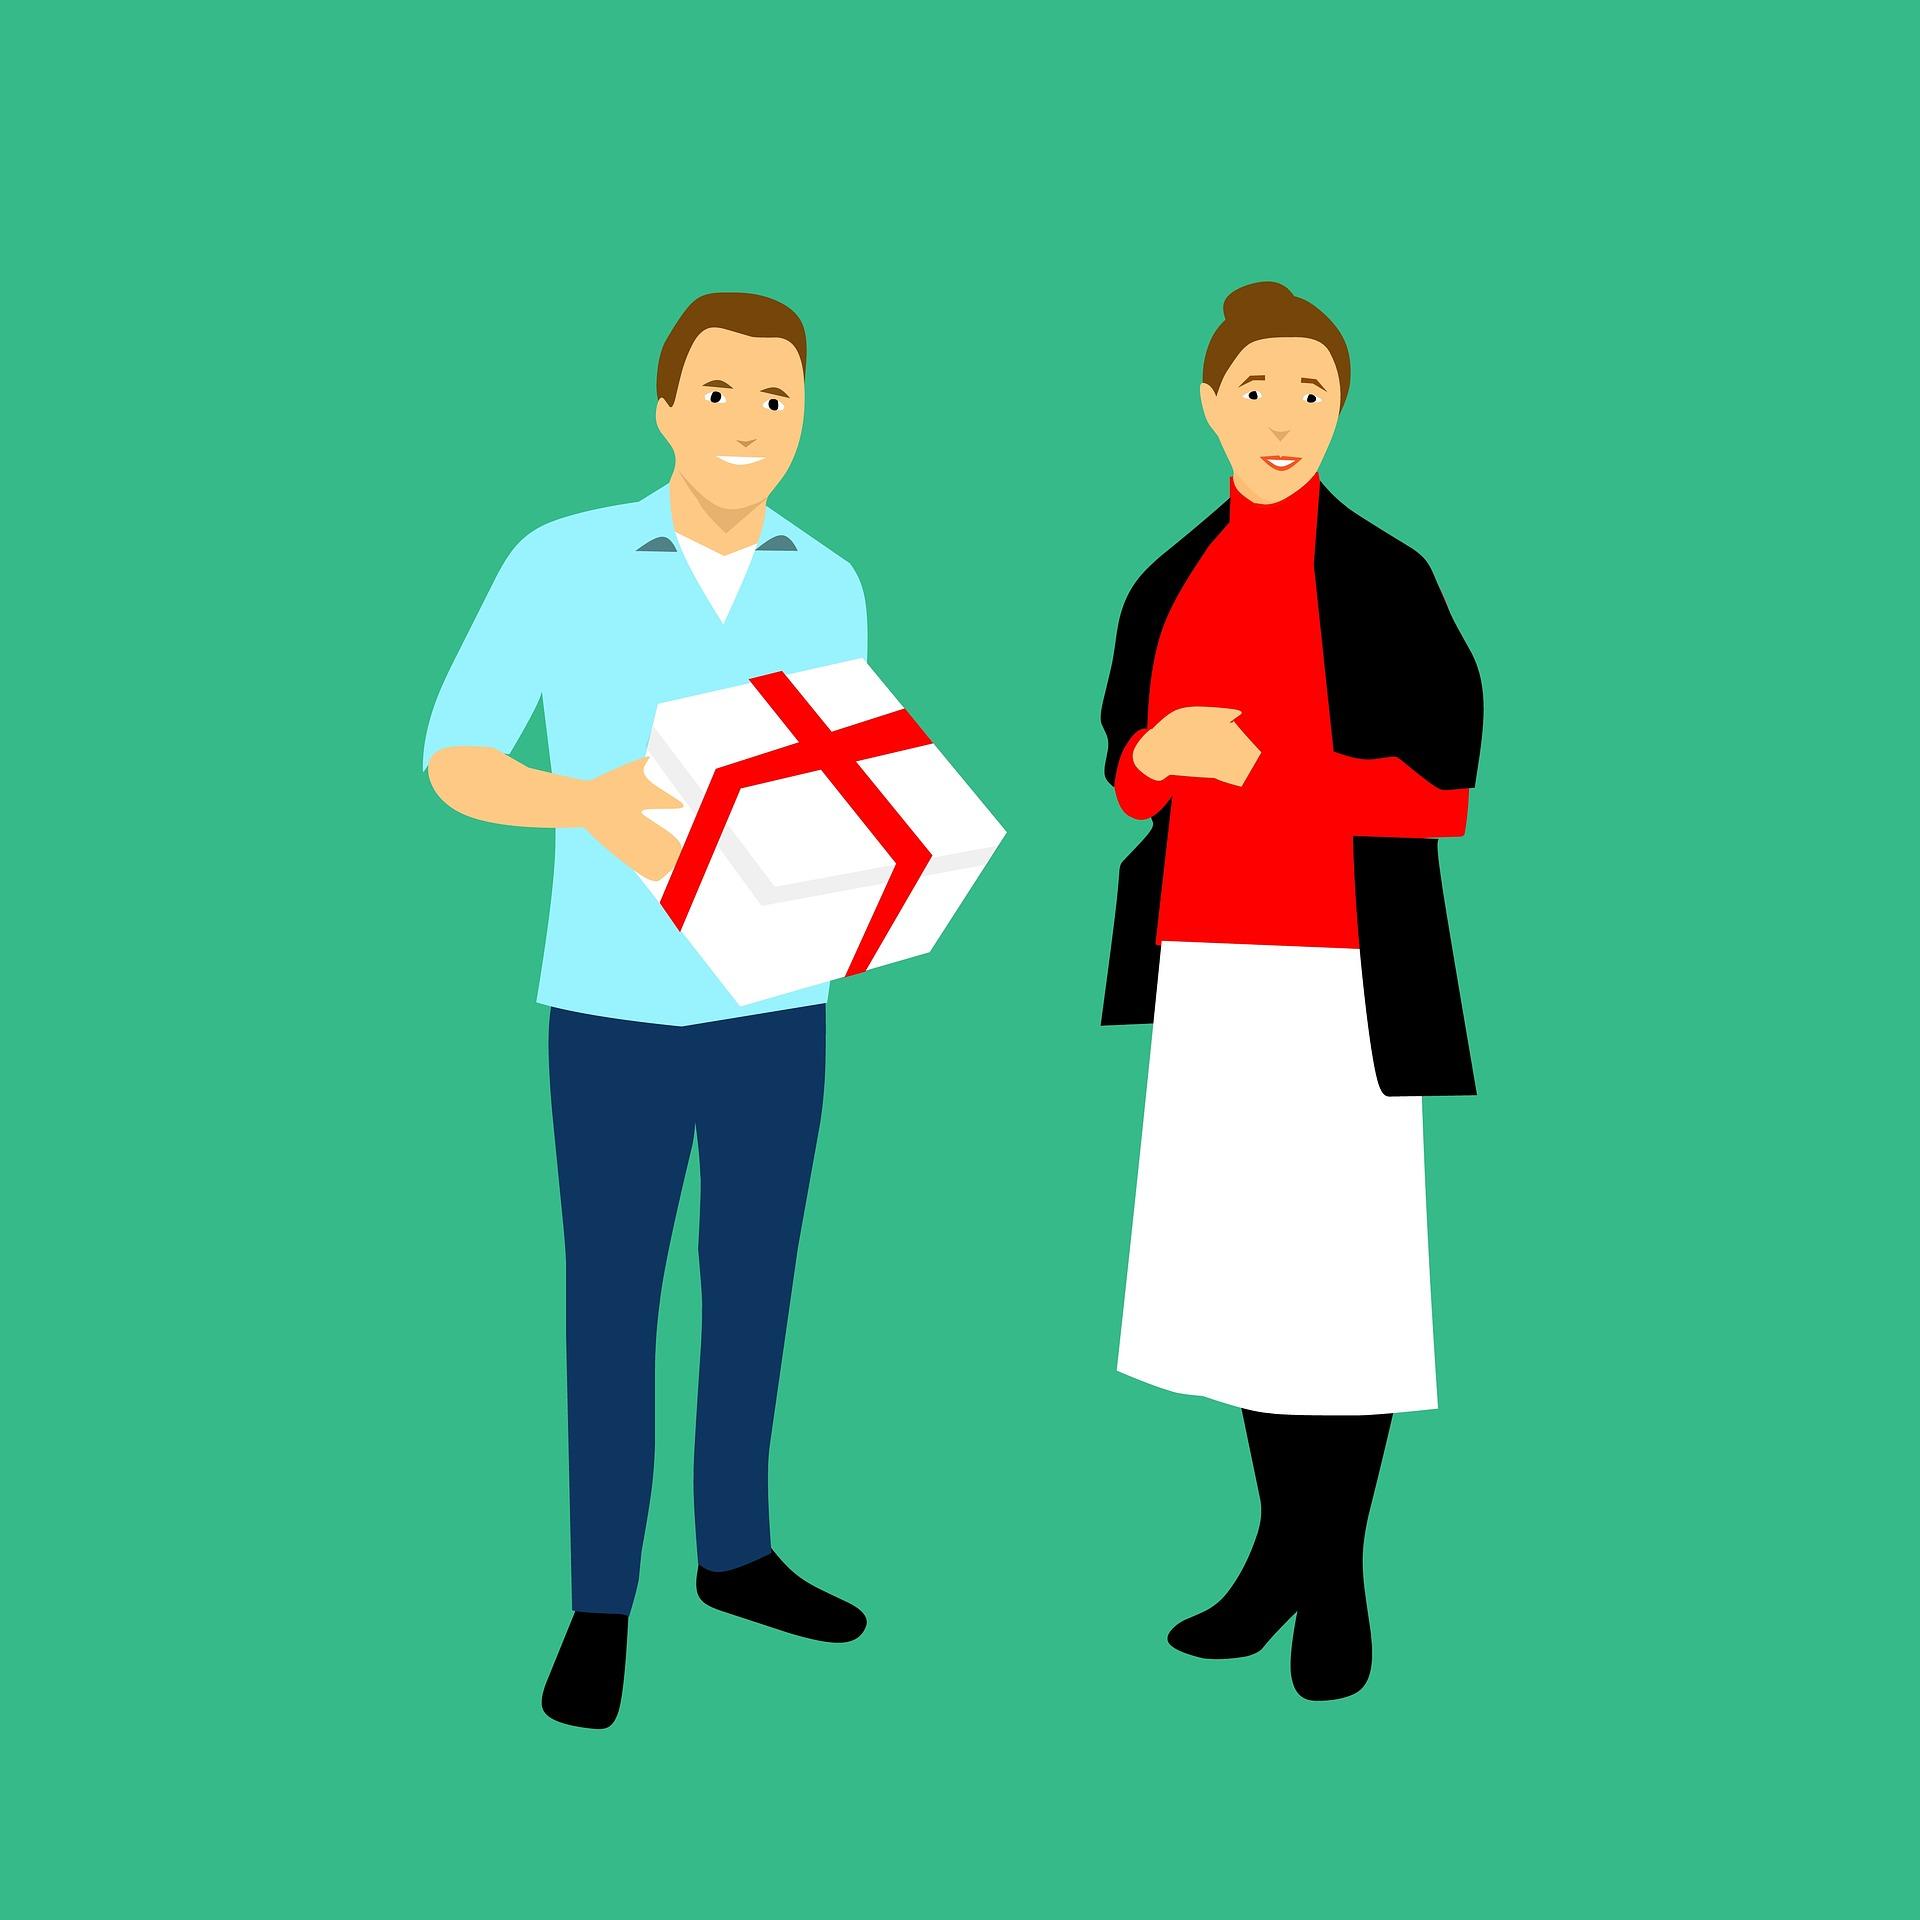 מתנה ליום האישה: איך בוחרים את המתנה האידיאלית?